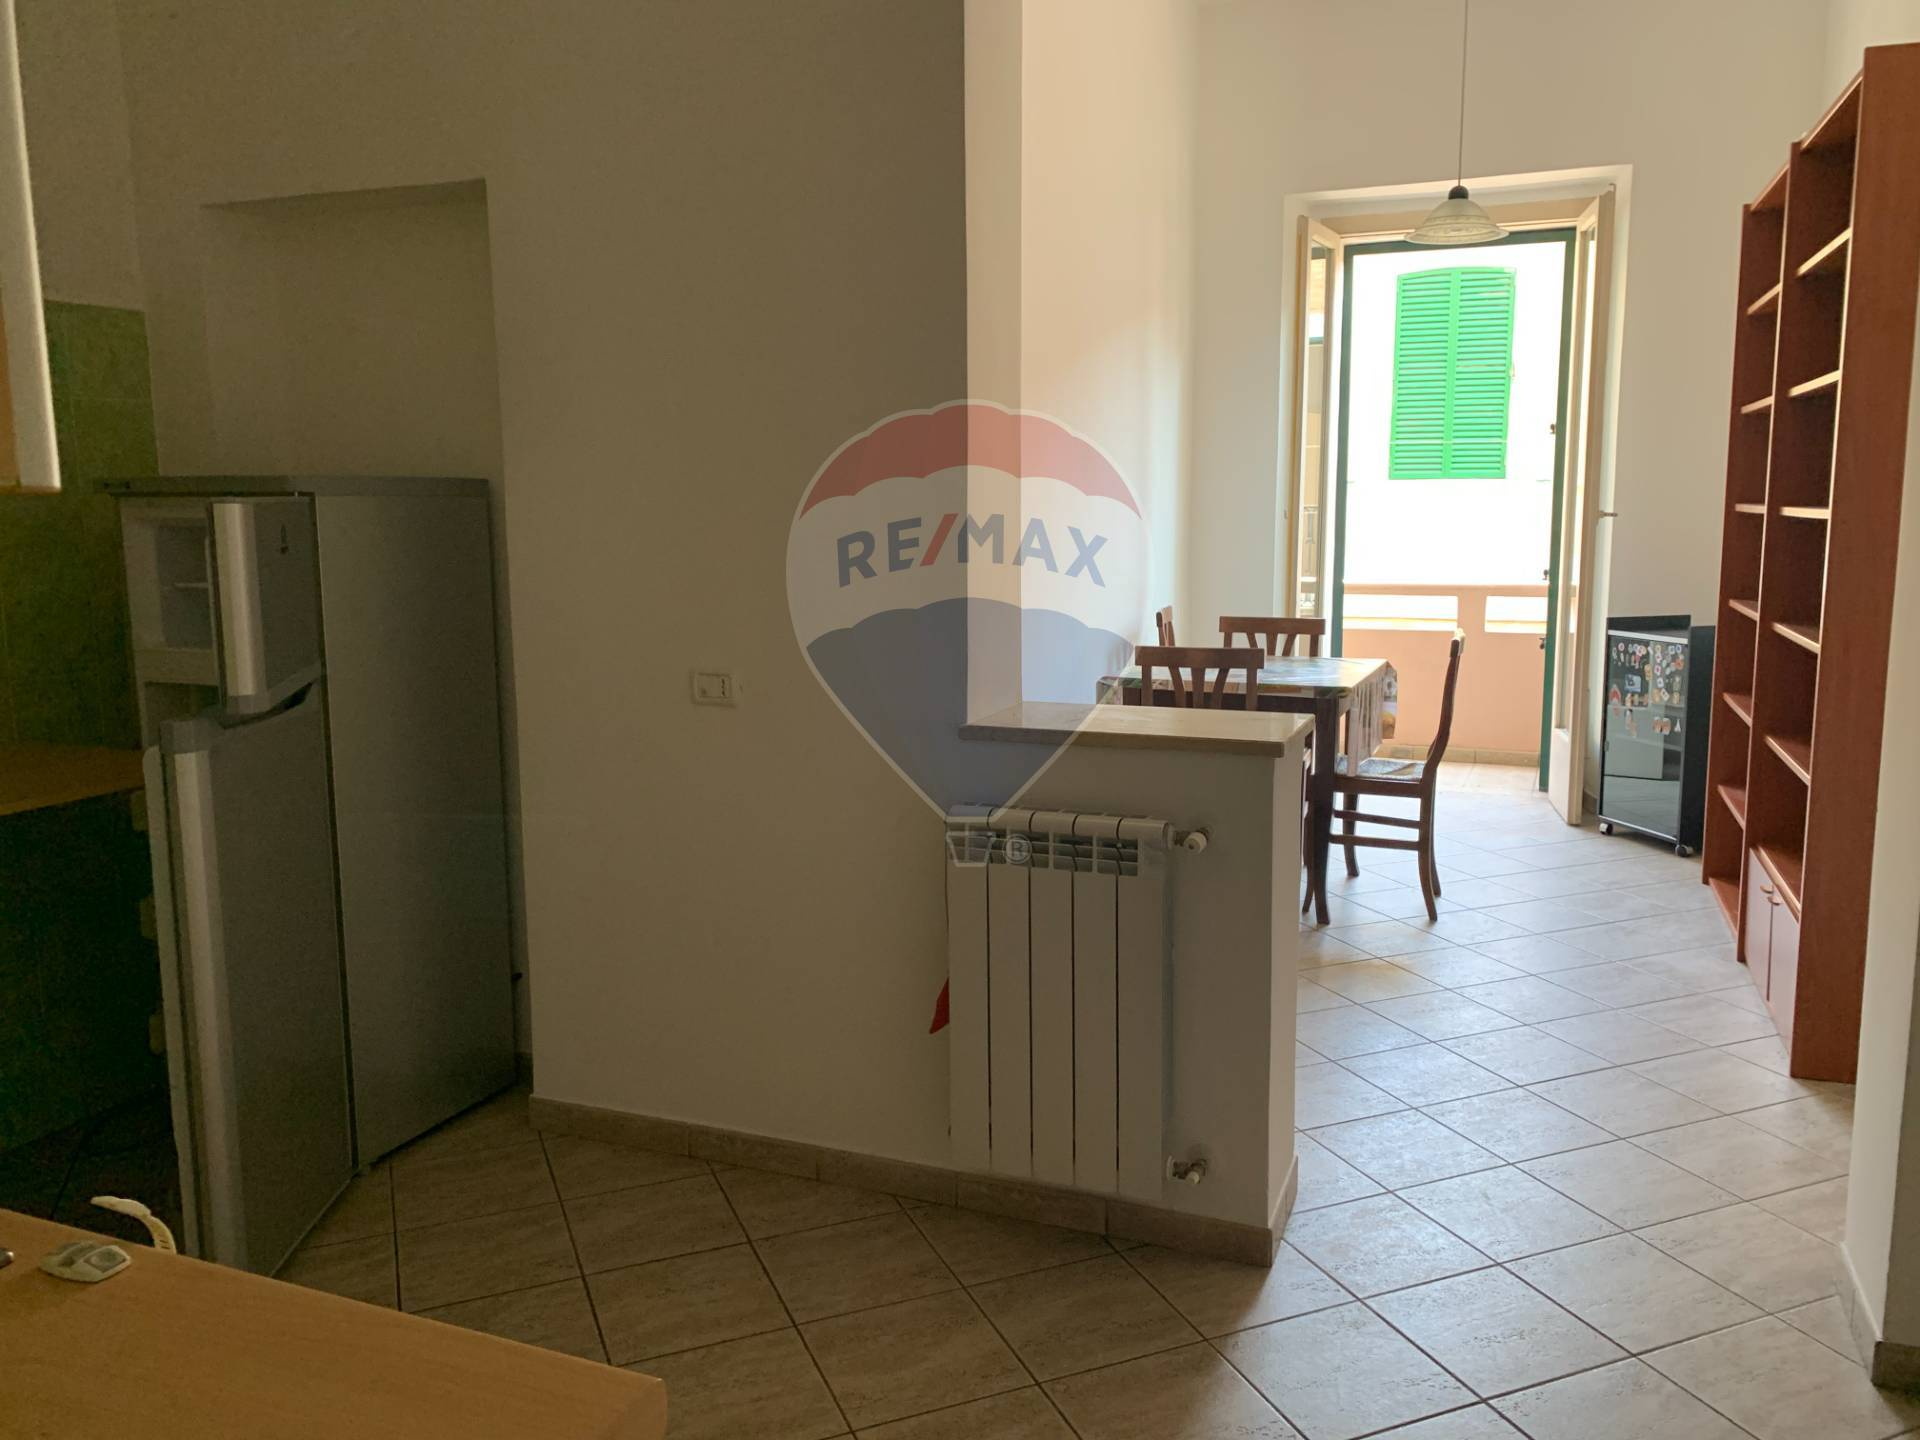 Appartamento in affitto a Lanciano, 4 locali, prezzo € 360 | CambioCasa.it